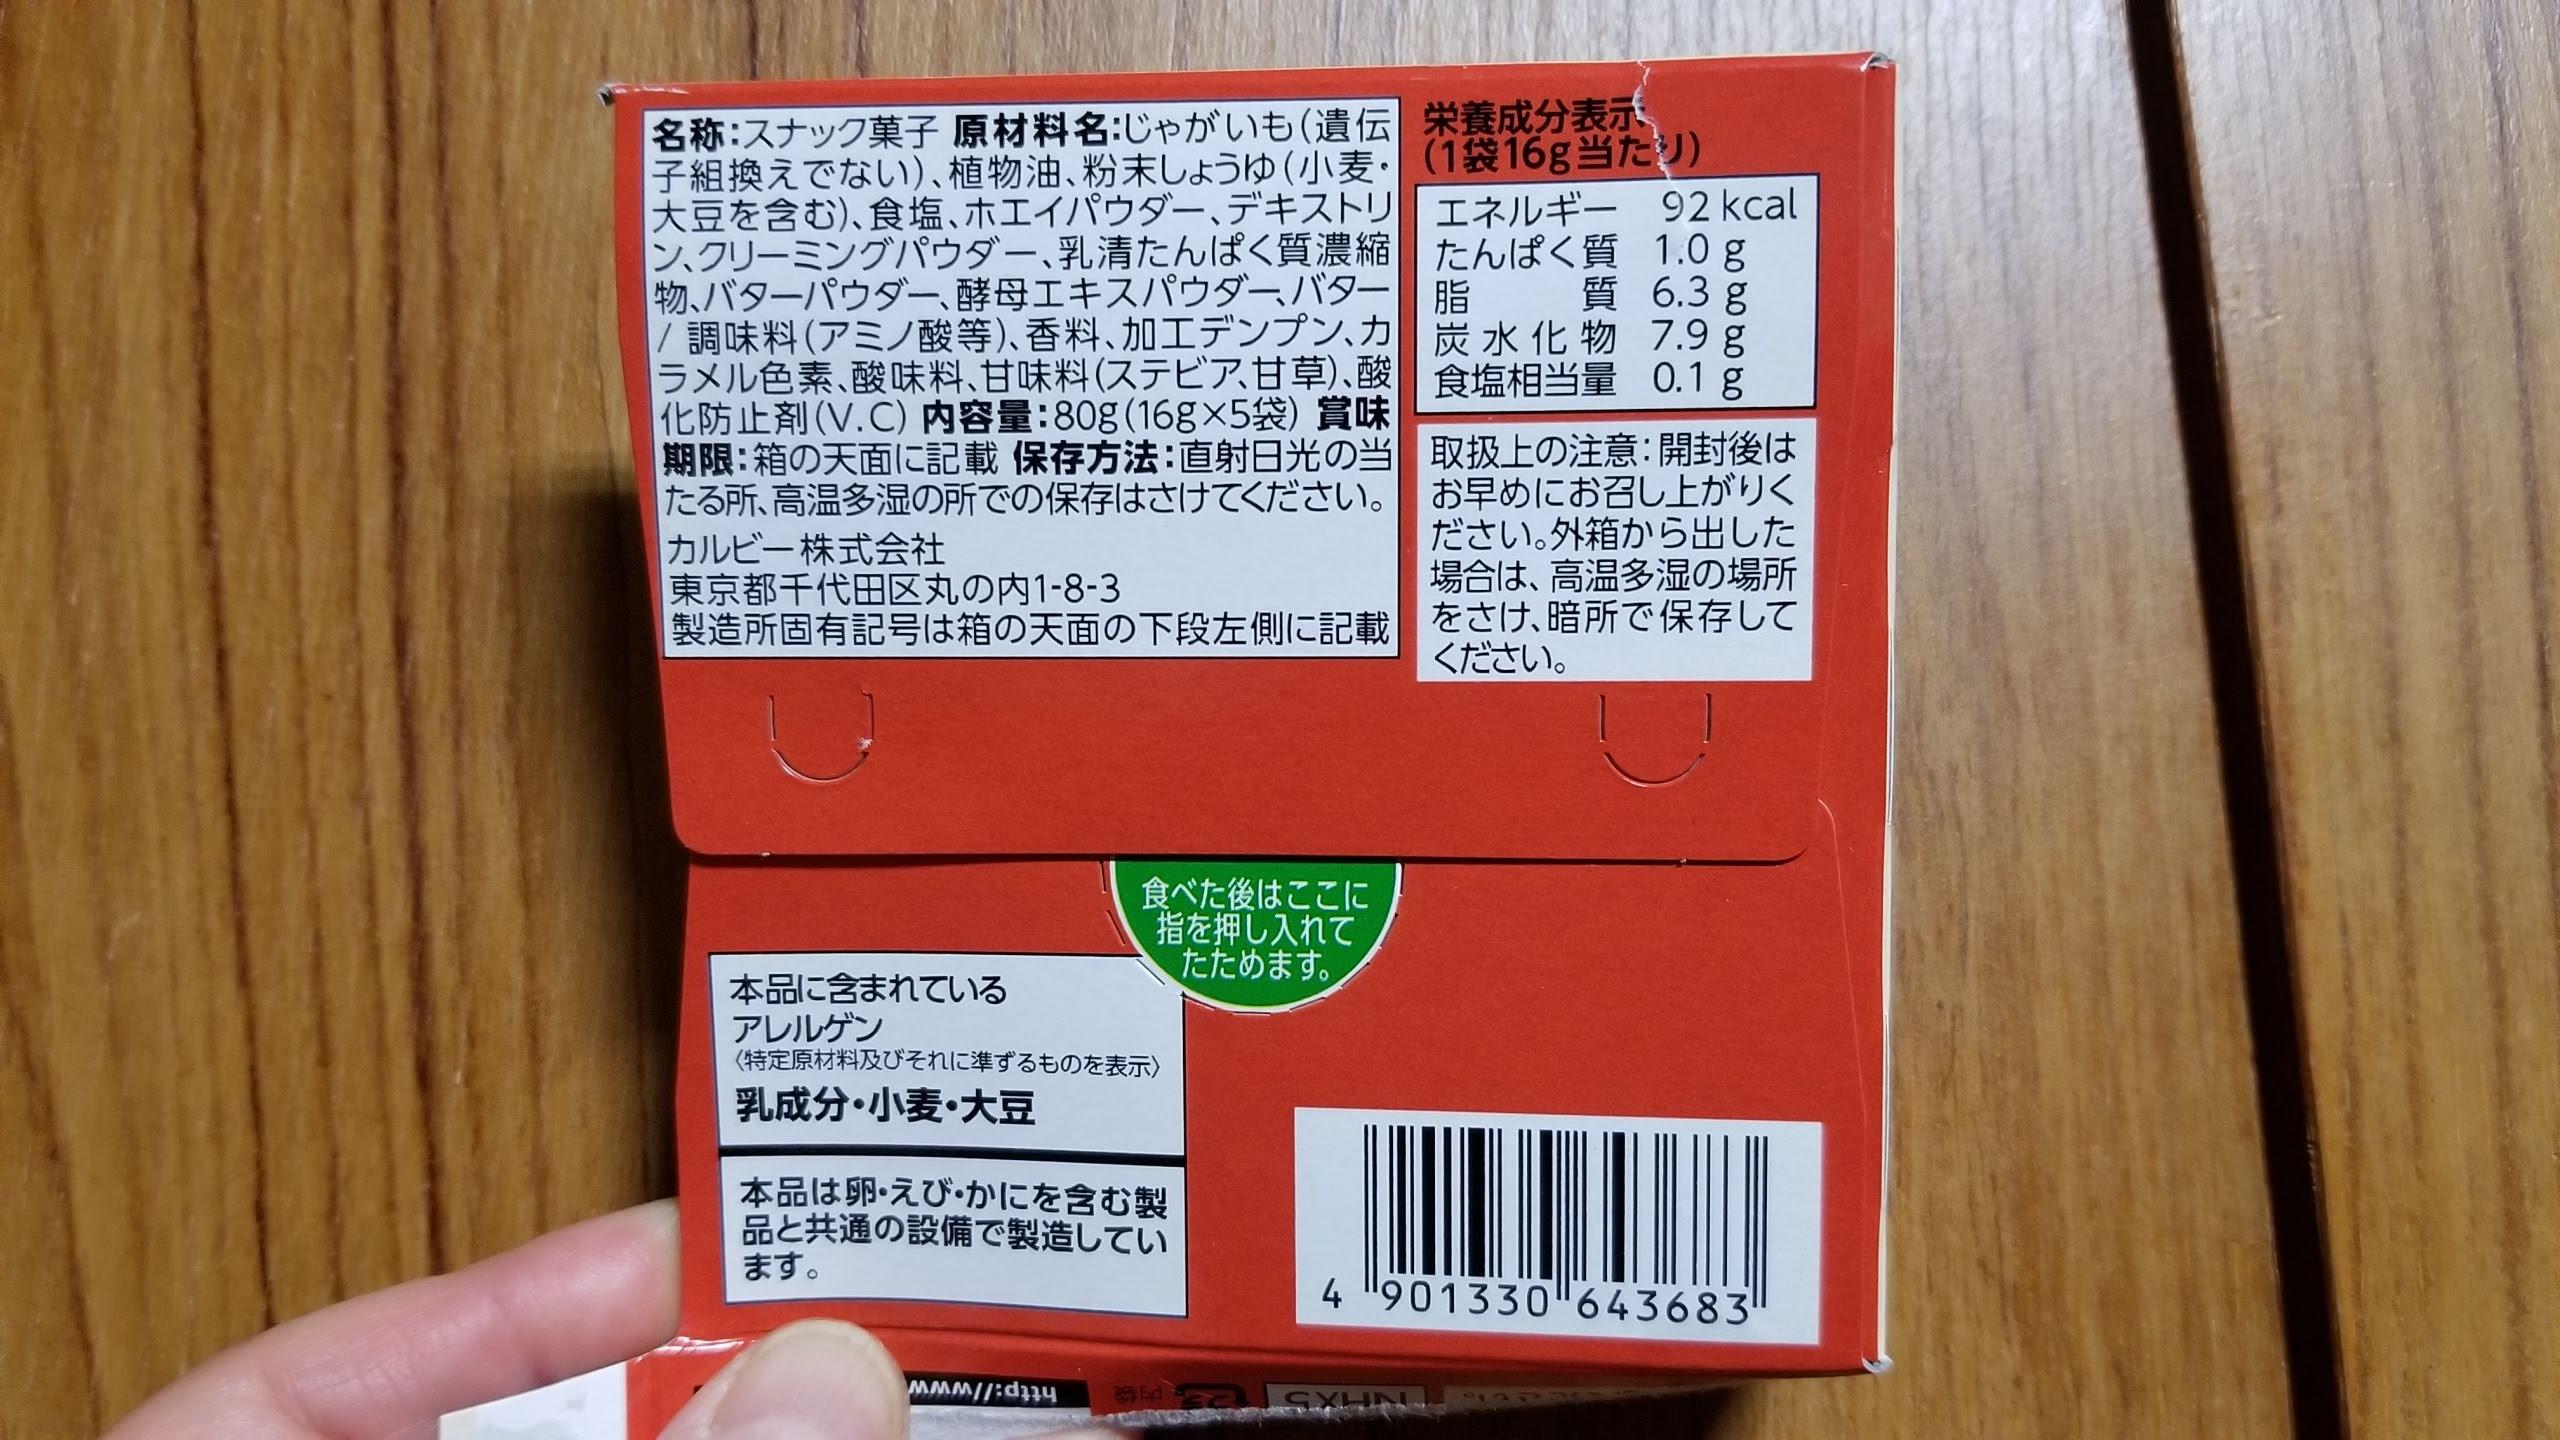 じゃがビー(バターしょうゆ味)80g(16g×5)/カルビー_20200425_221506